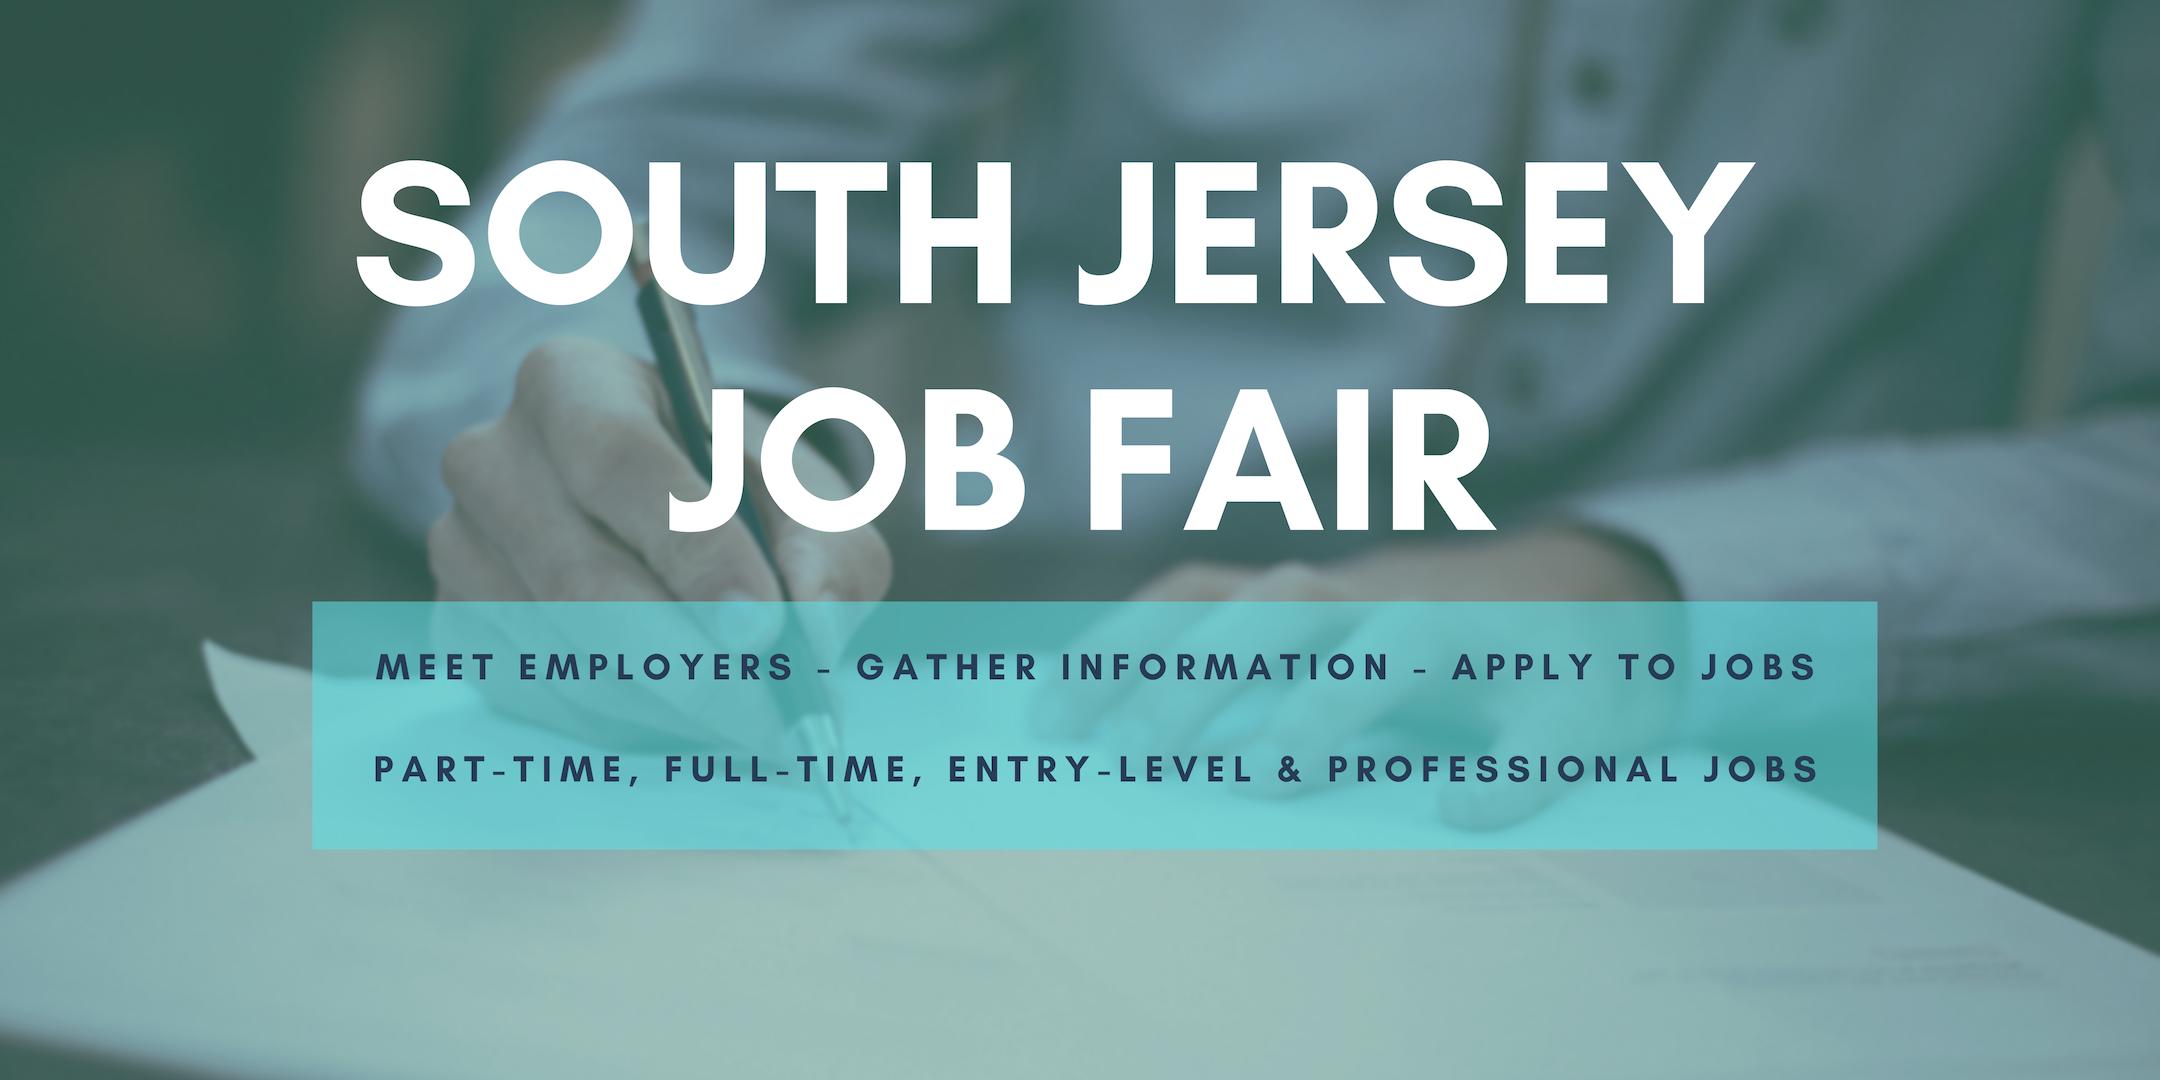 South Jersey Job Fair - Attend Live Hiring Event – Cherry Hill, NJ